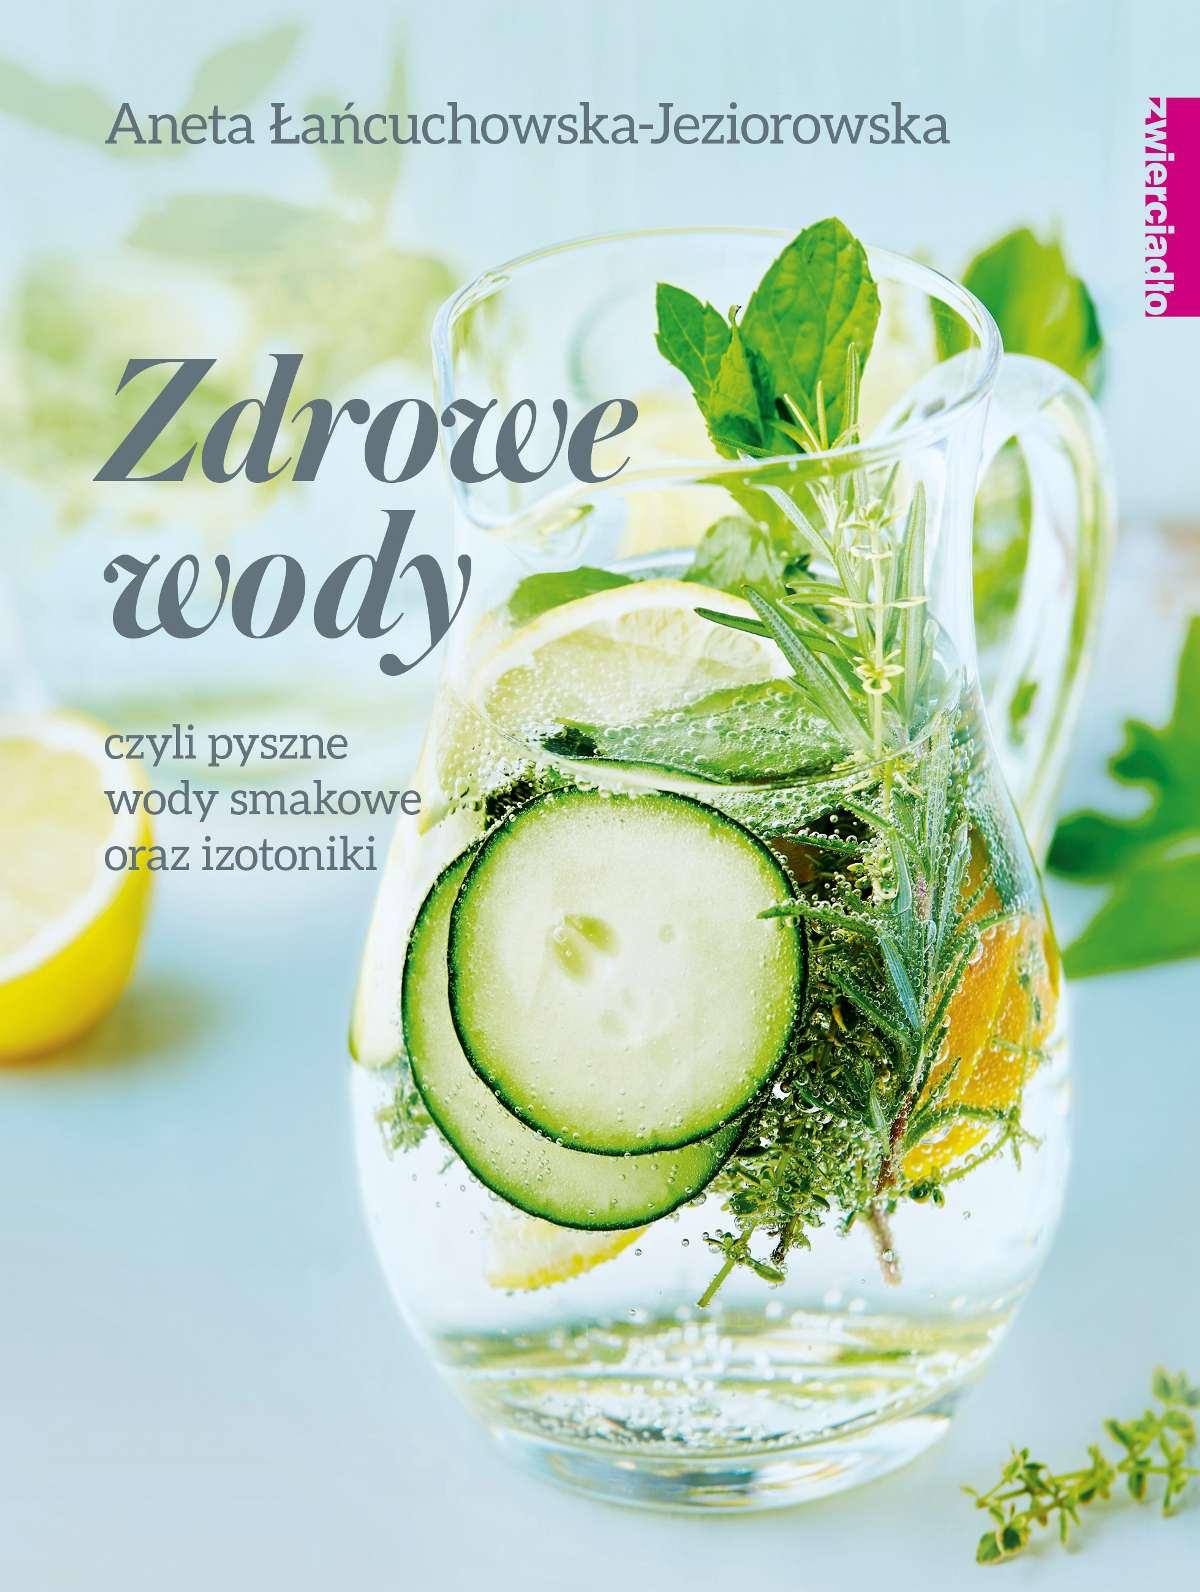 Zdrowe wody czyli pyszne wody smakowe i izotoniki - Ebook (Książka na Kindle) do pobrania w formacie MOBI